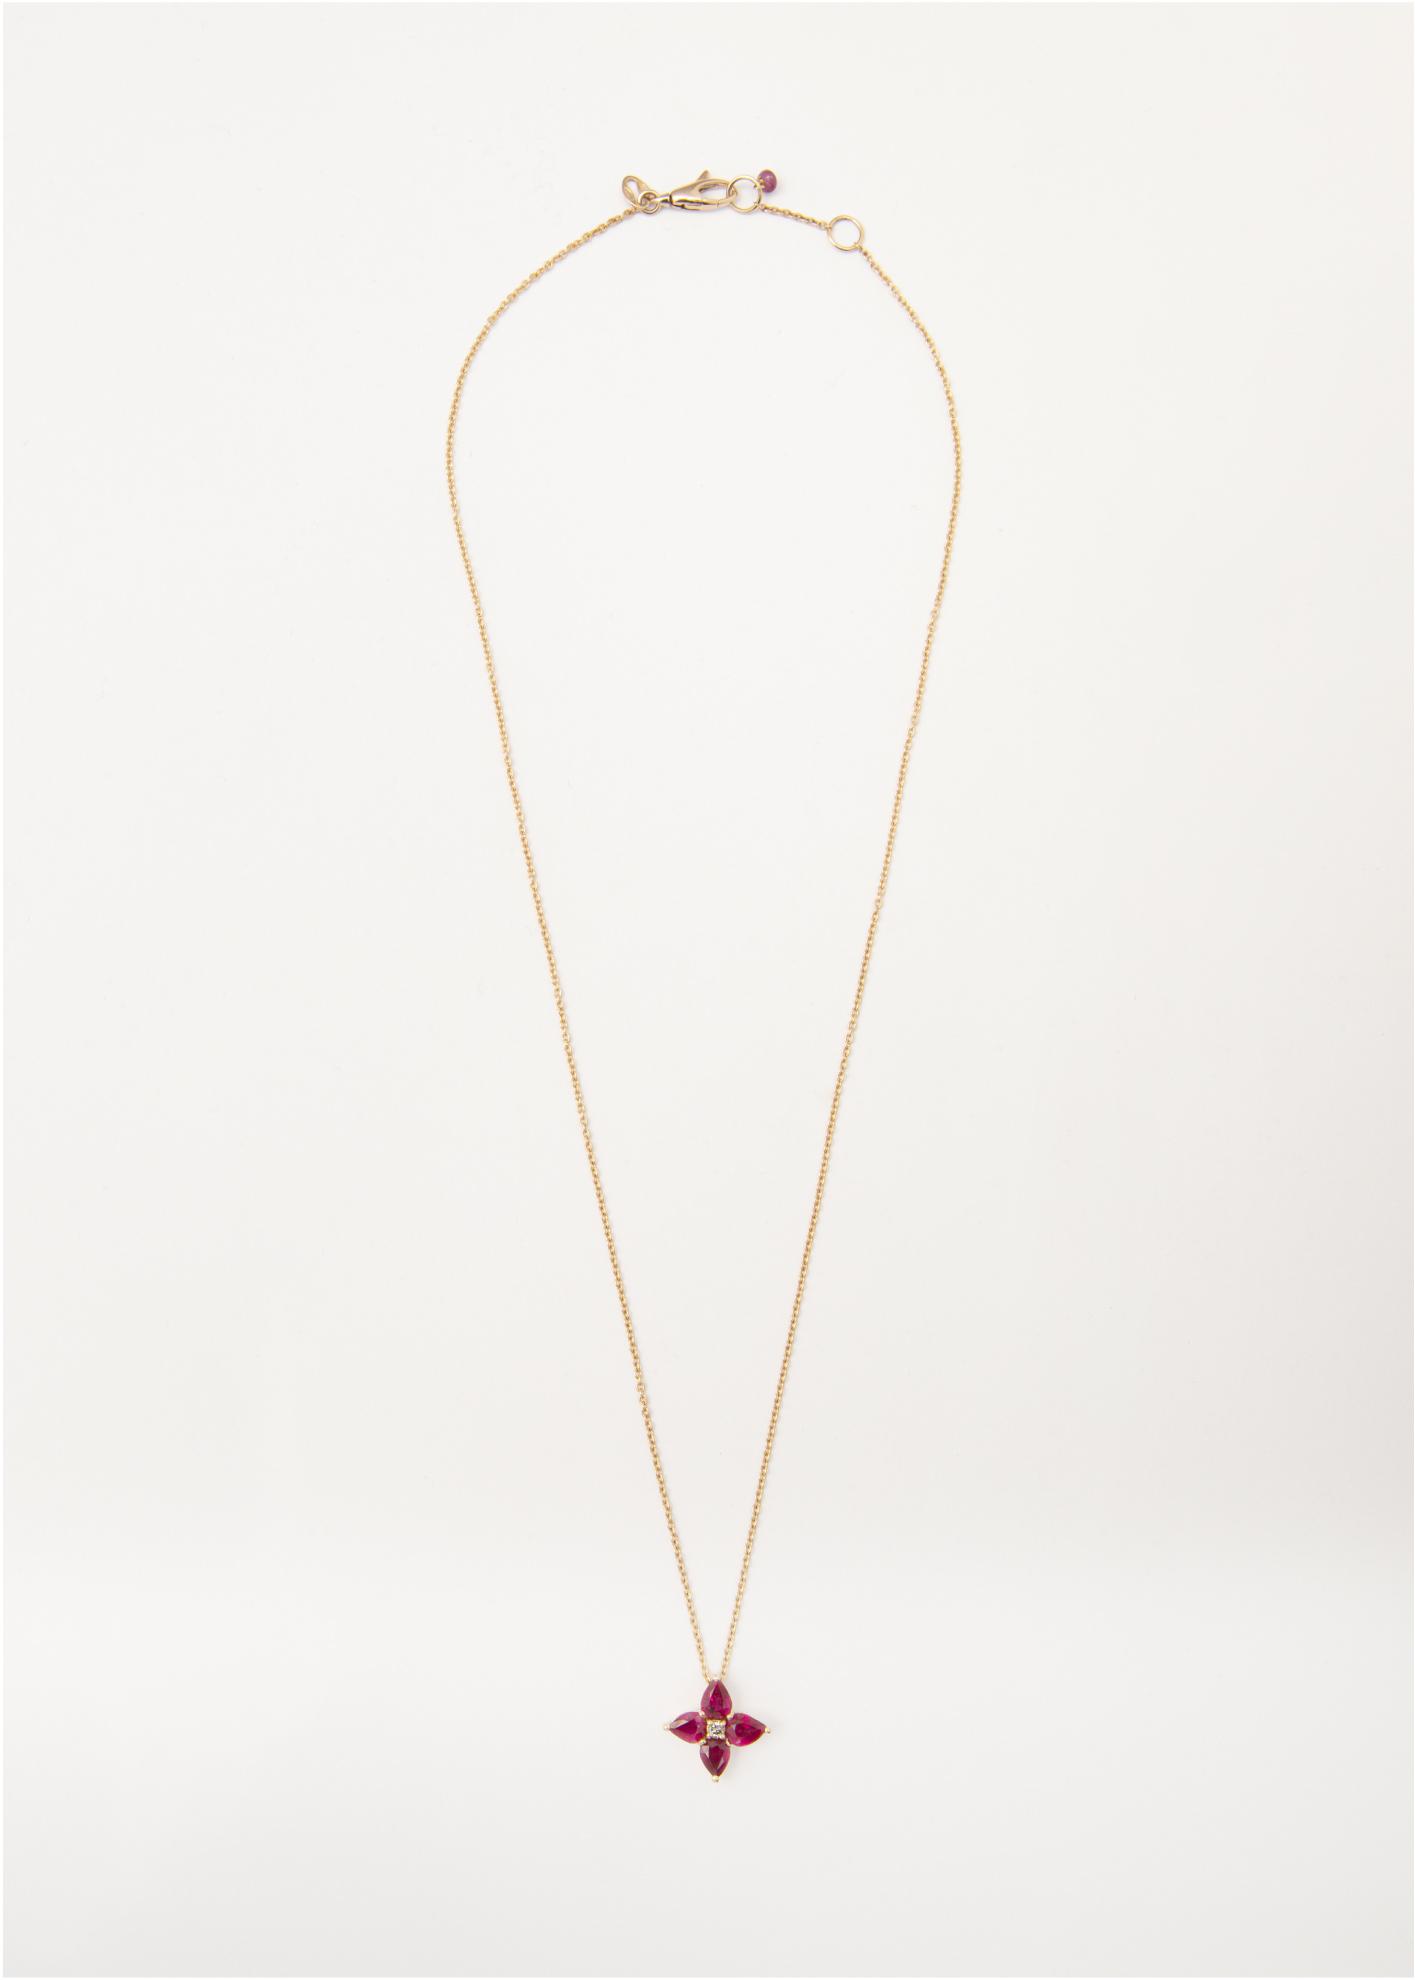 Collana in oro lucido con fiore pendente in Rubini e brillante - Ivy Gioielli Prato